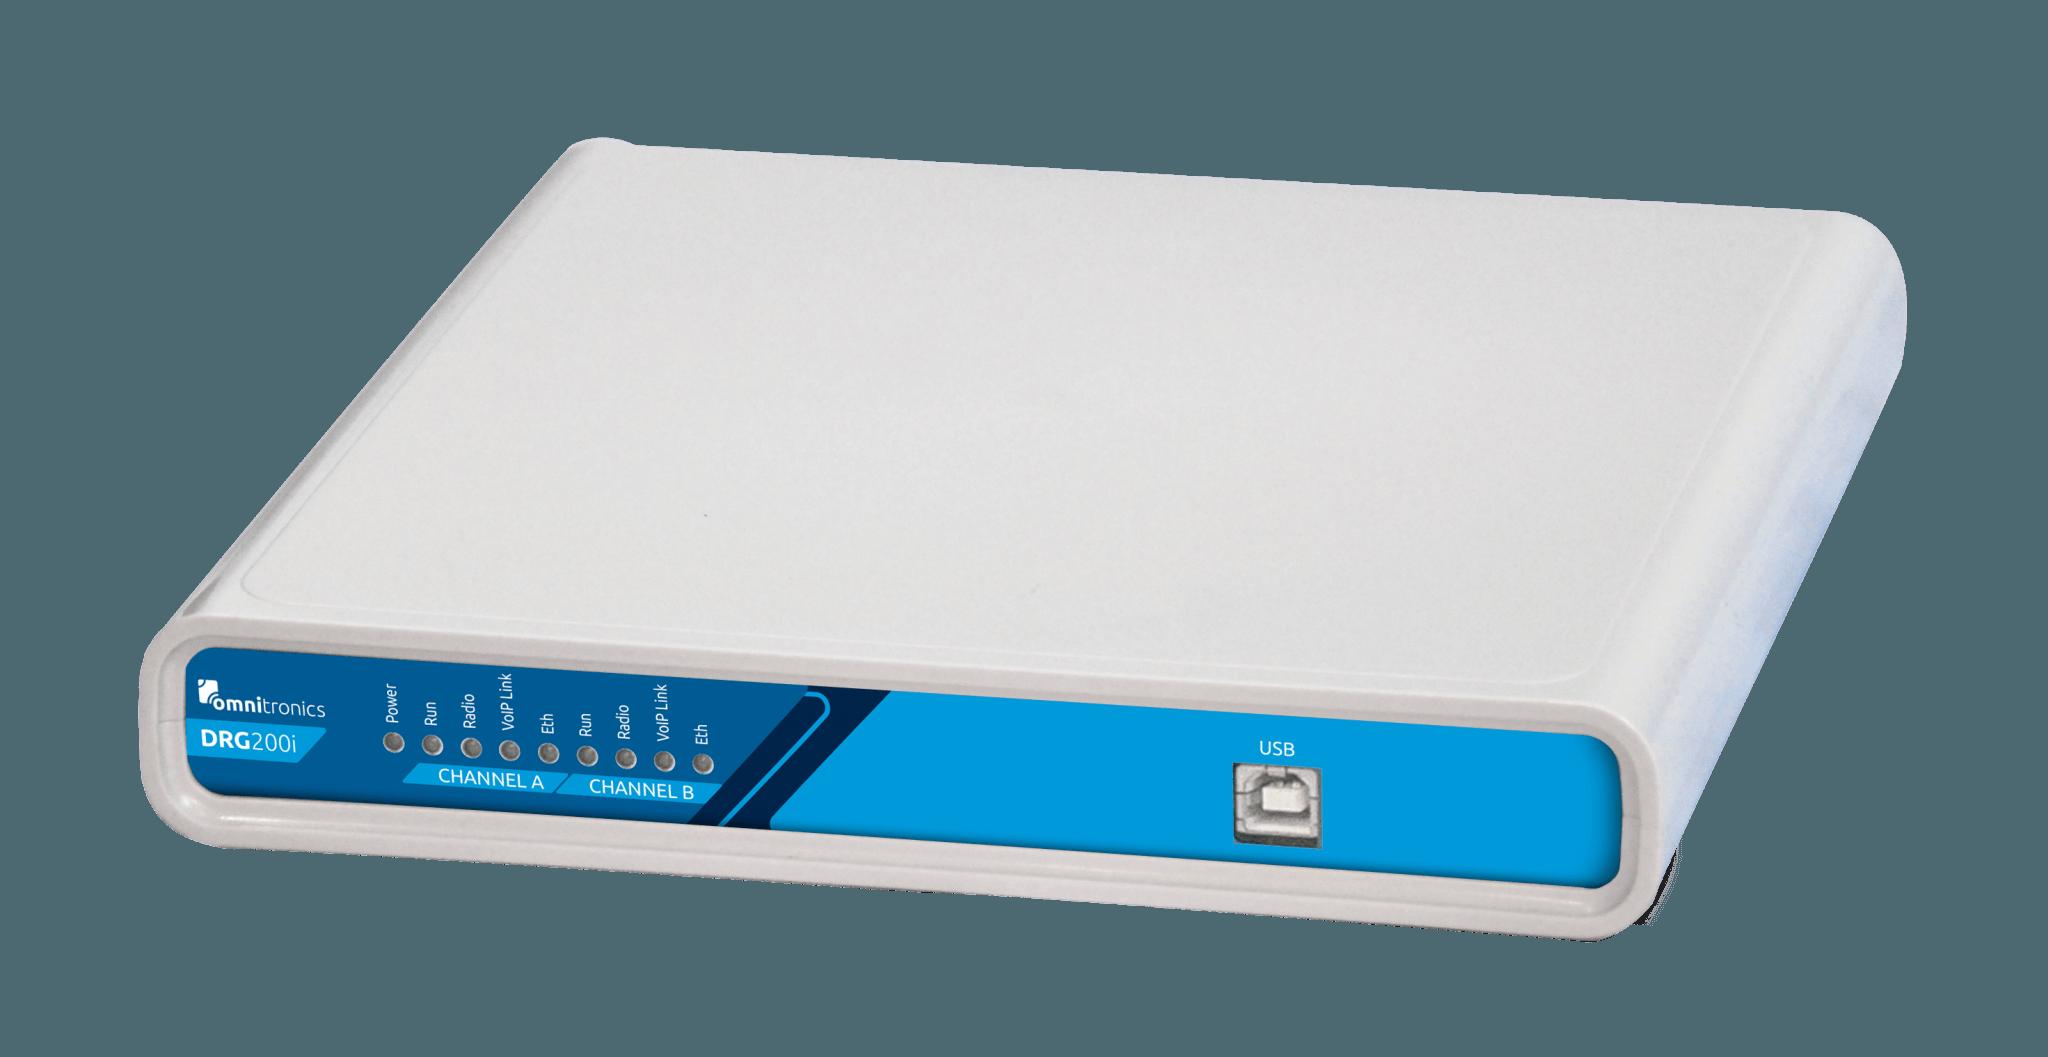 digitales Roip-Gateway